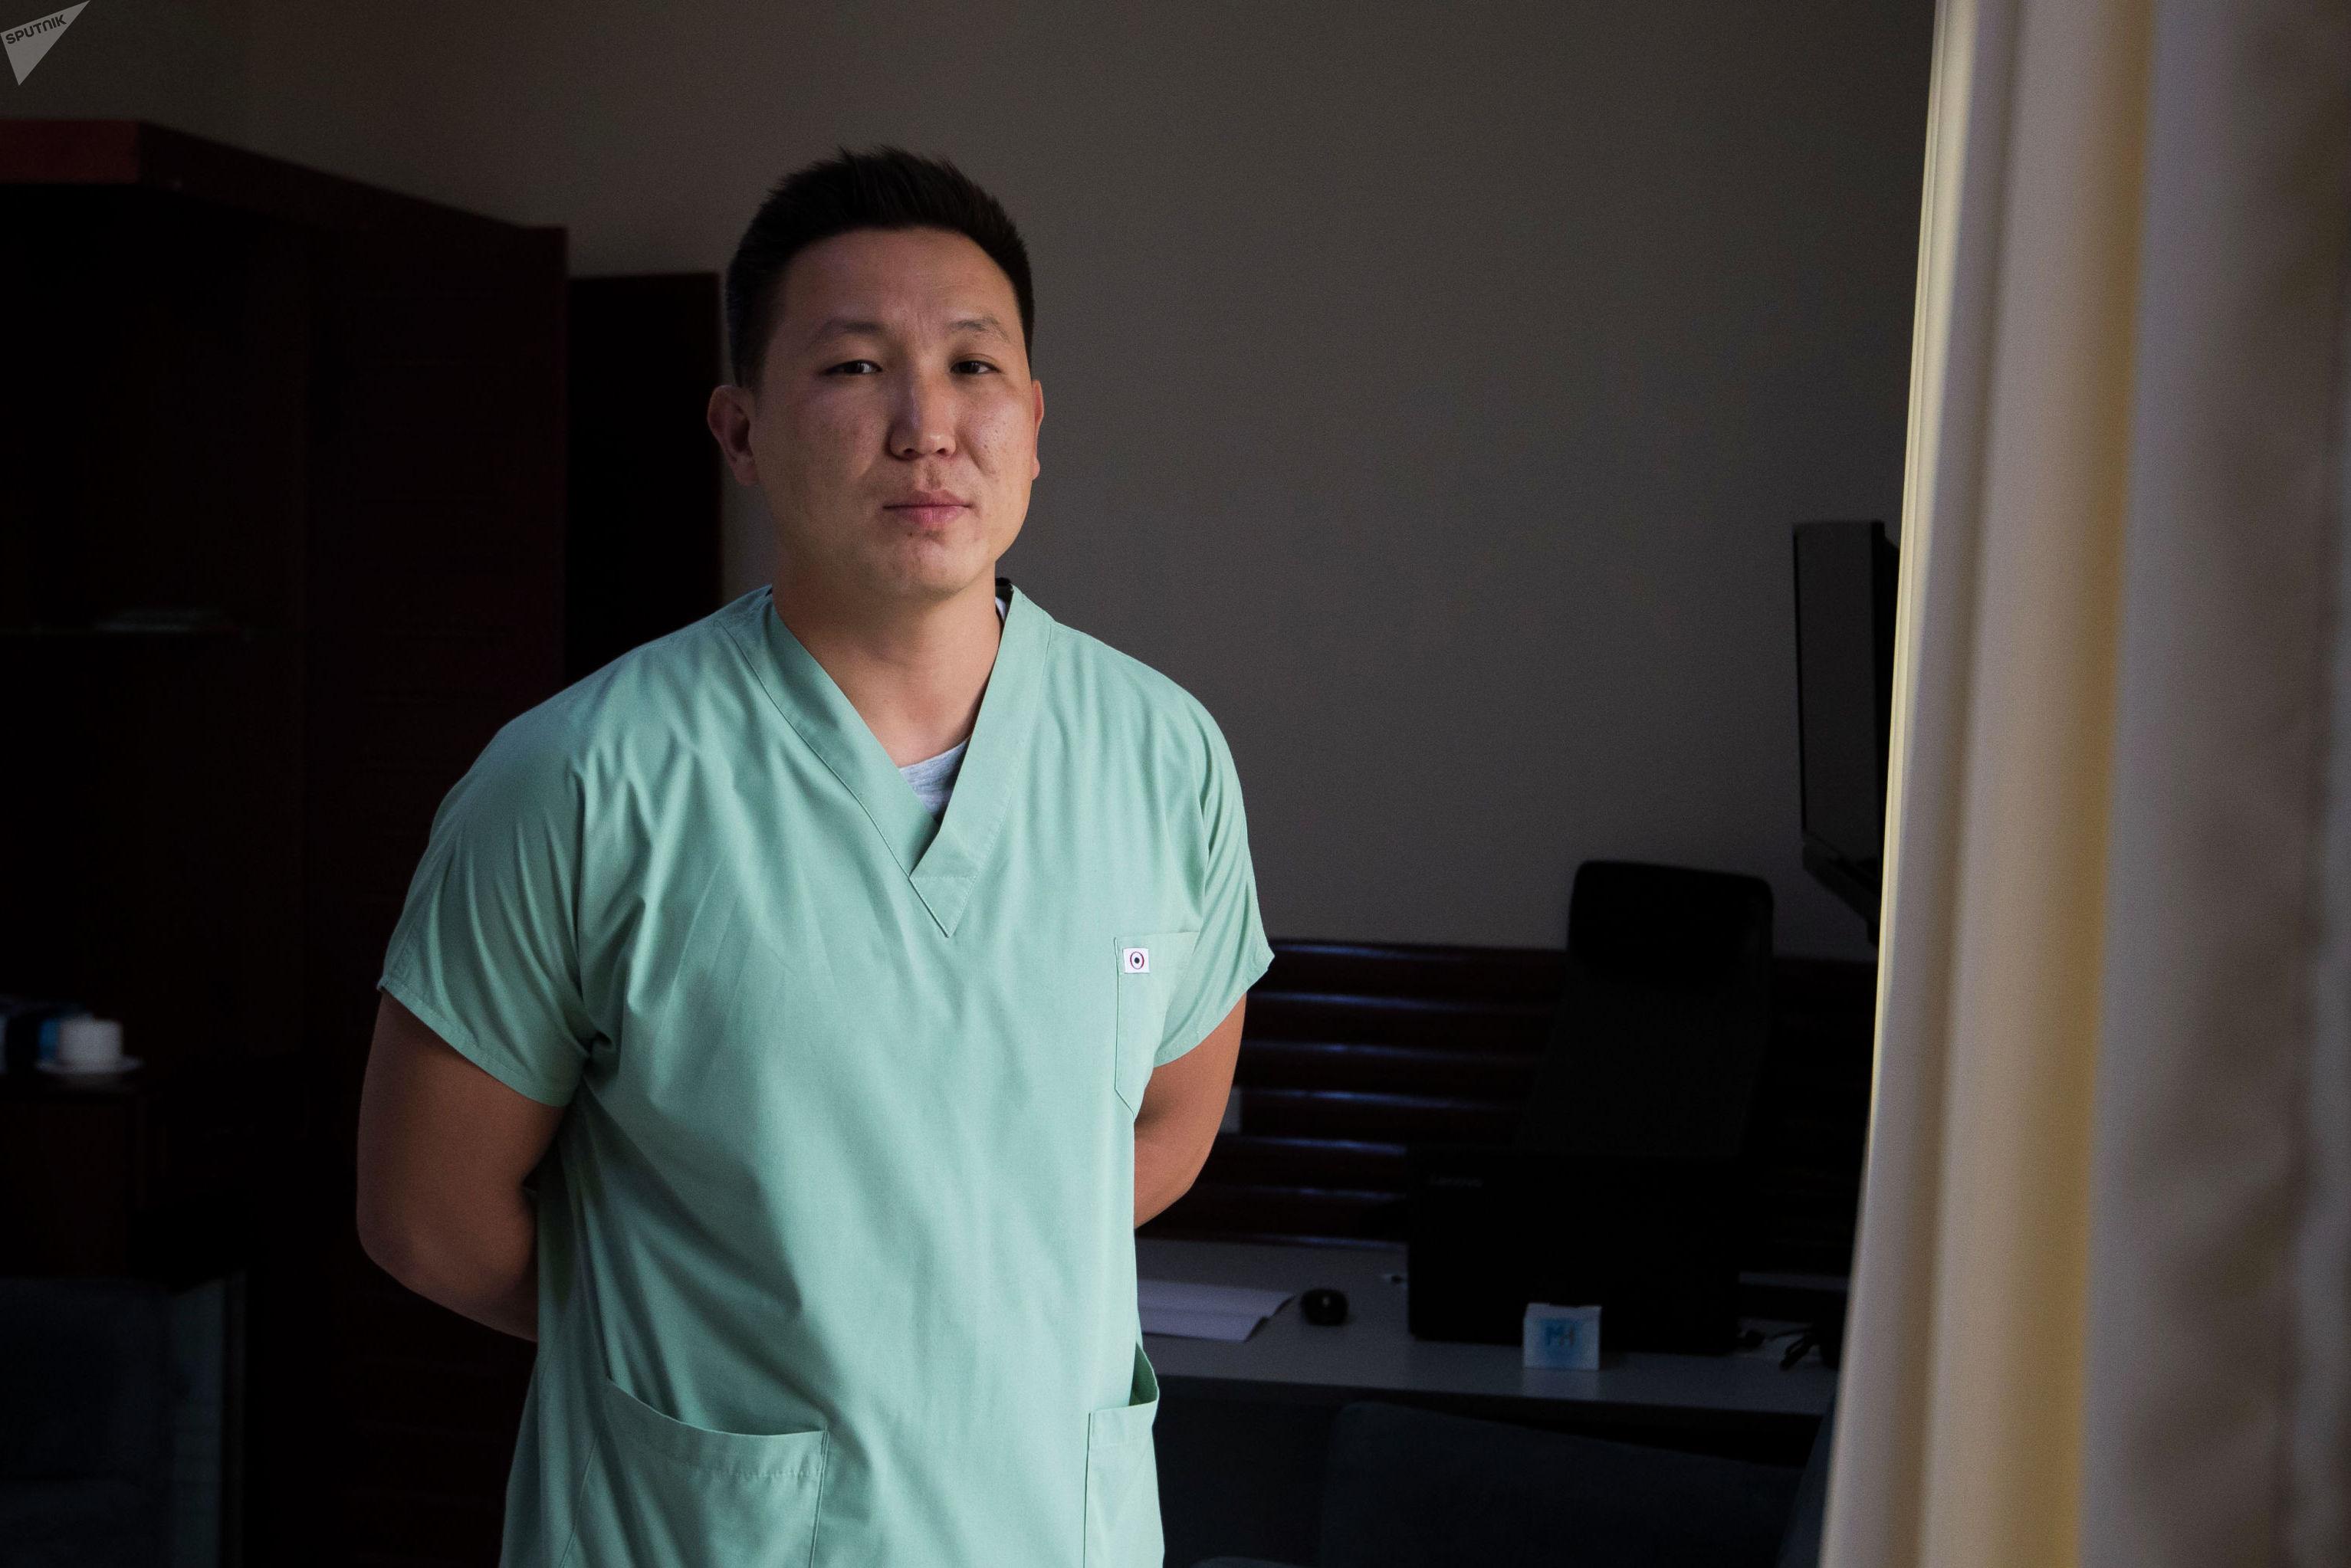 Рентгенохирург Руслан Шаршебаев в своем кабинете